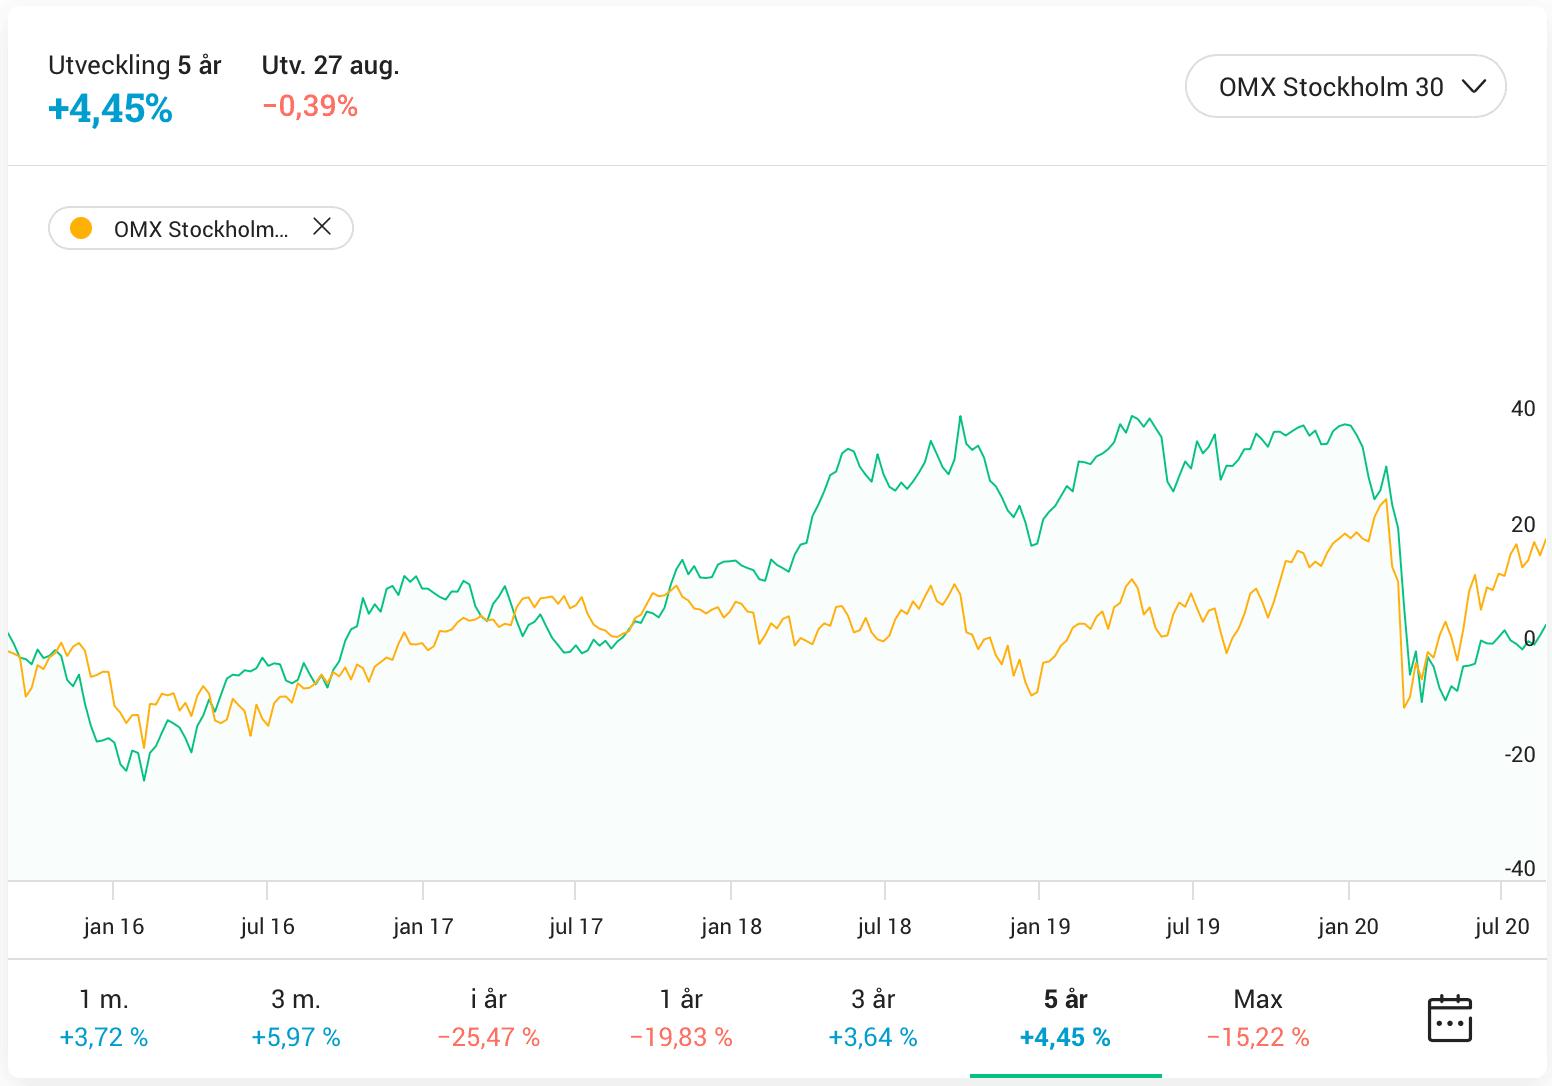 Råvarufonder - Handelsbanken Råvarufond